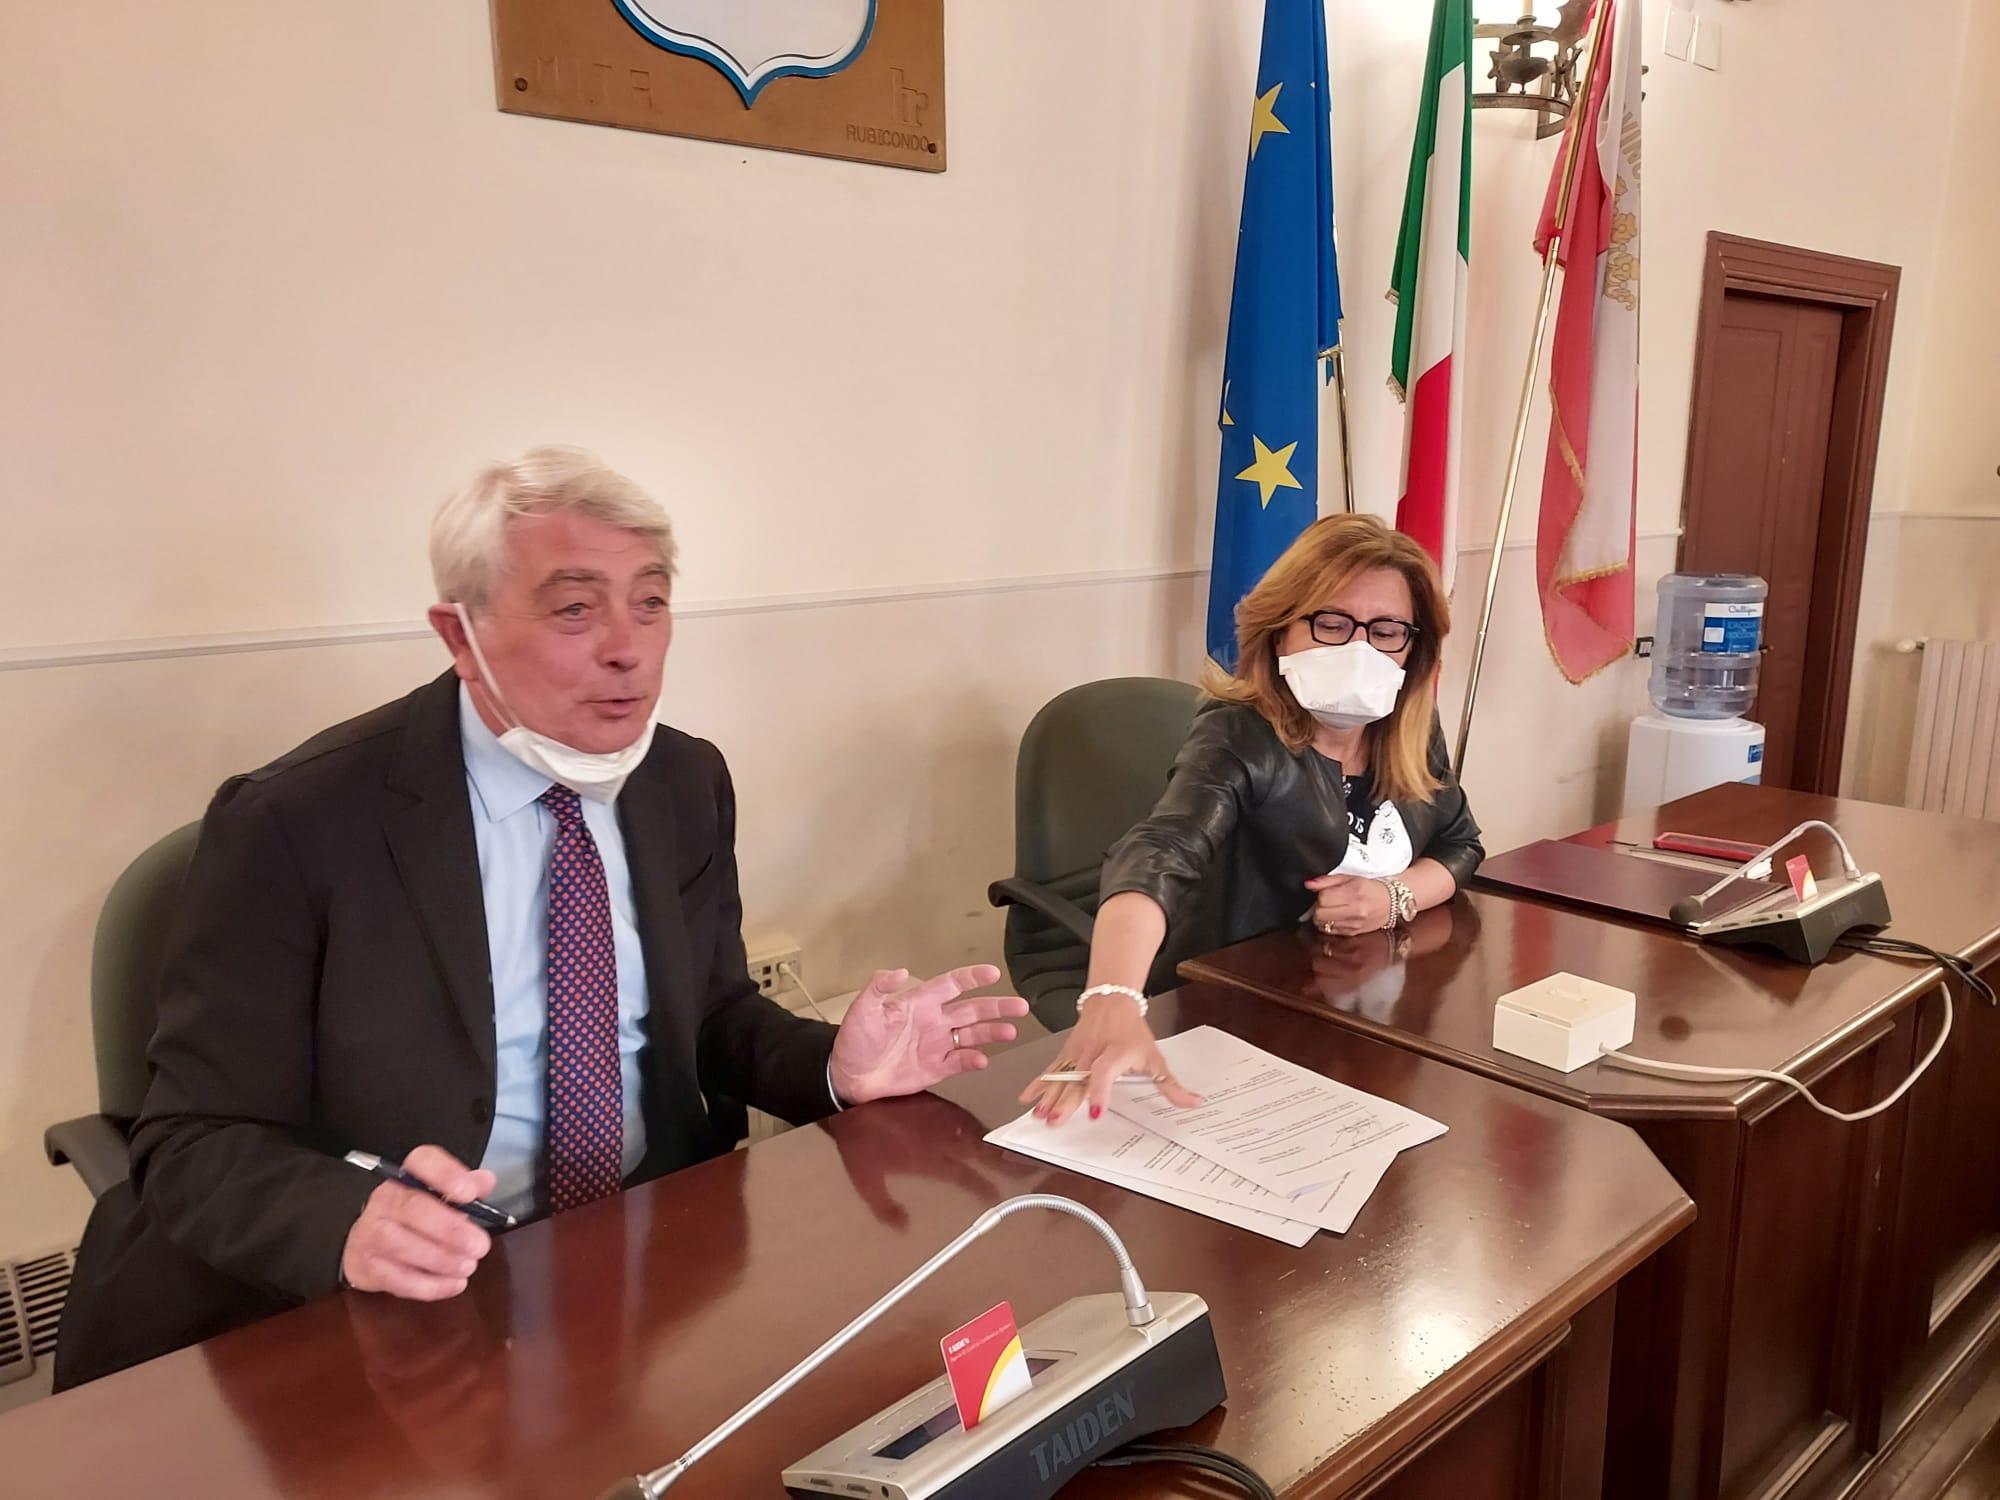 Avellino| Forestali, 18 operai a tempo impiegati per l'antincendio boschivo. Biancardi: scongiuriamo rischi